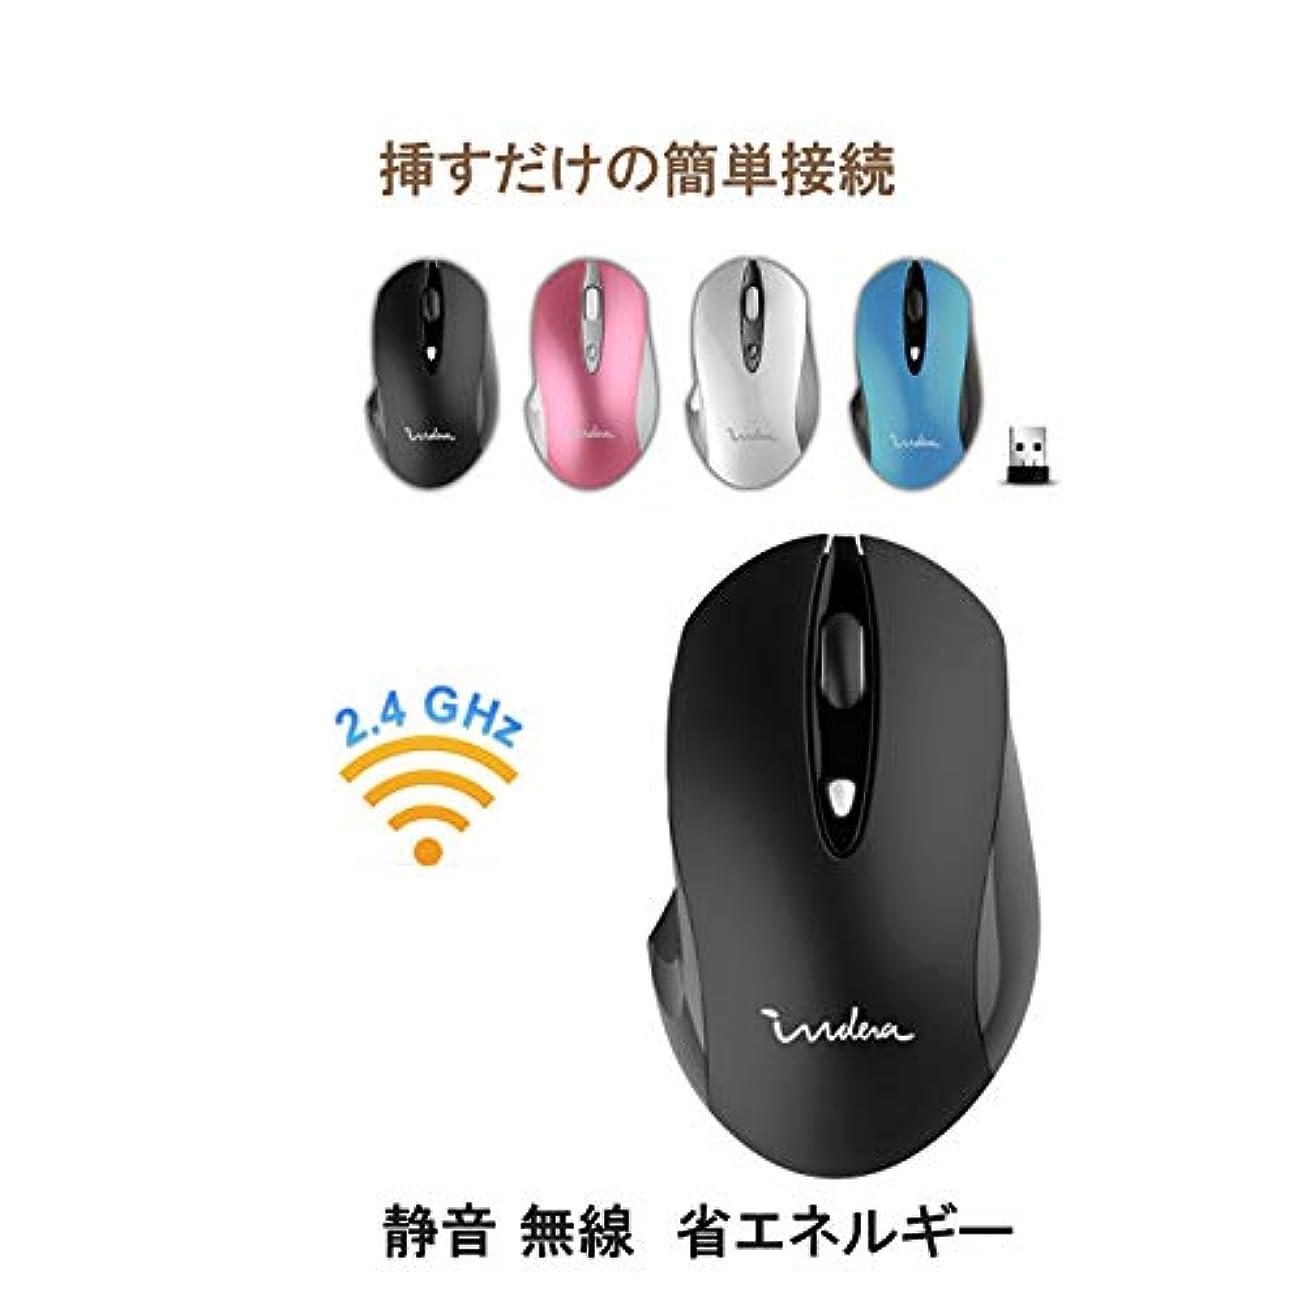 ワイヤレスマウス 2.4G無線静音マウス 静音クリックコンパクト 省エネ1600DPIモード Mac/Windows/surface/Microsoft Proに対応 (スカイブルー)